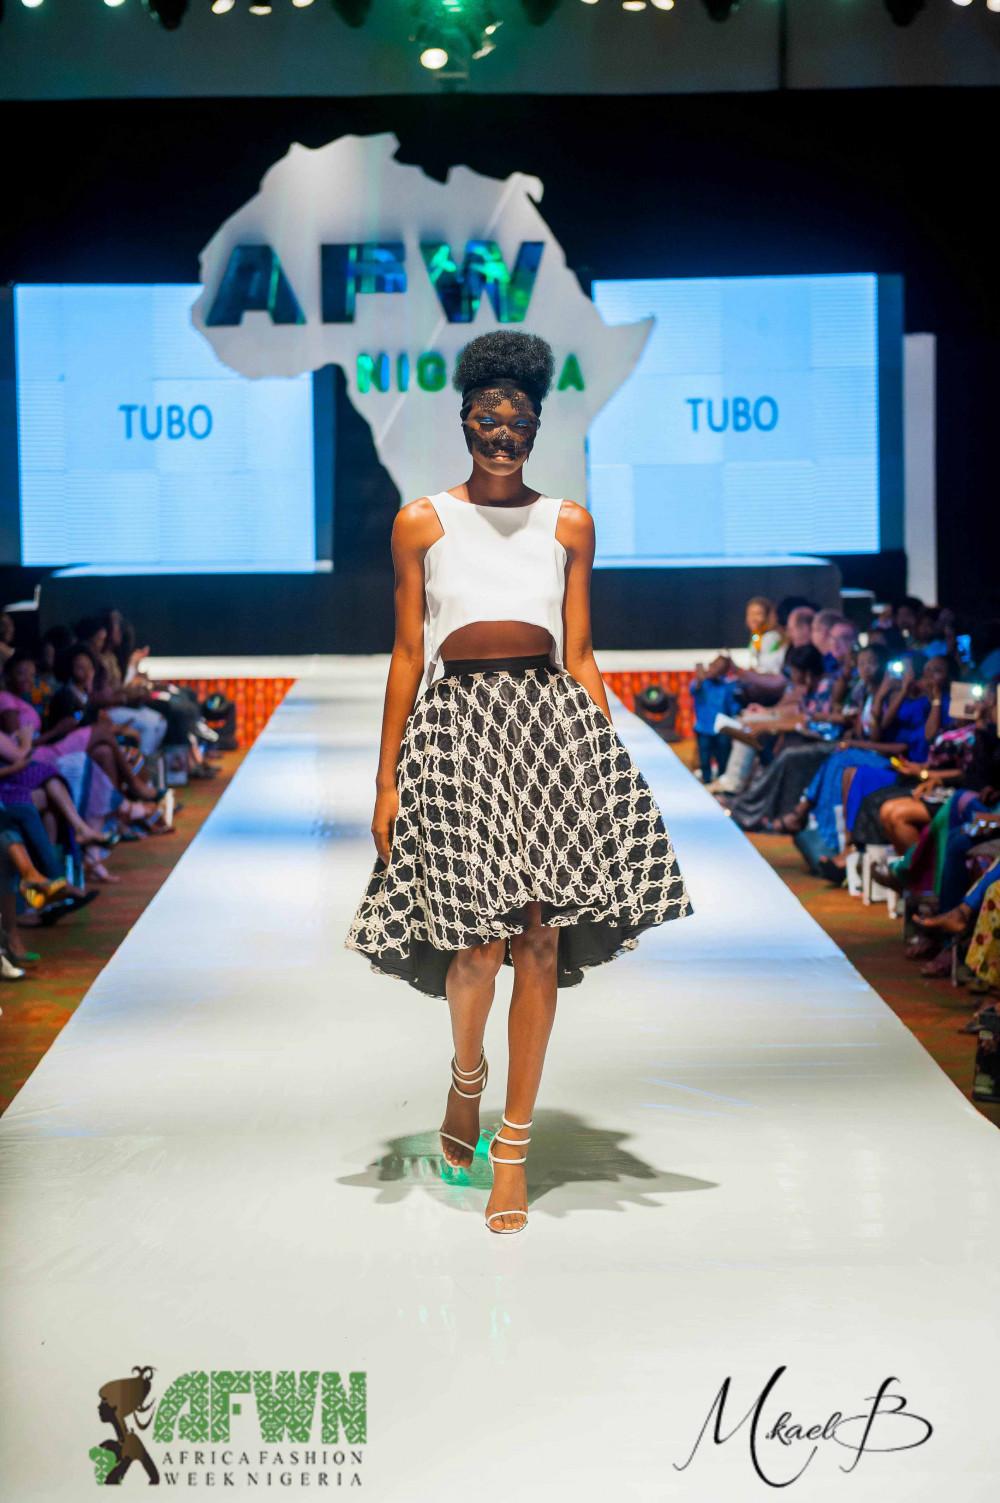 2016 Africa Fashion Week Nigeria Tubo